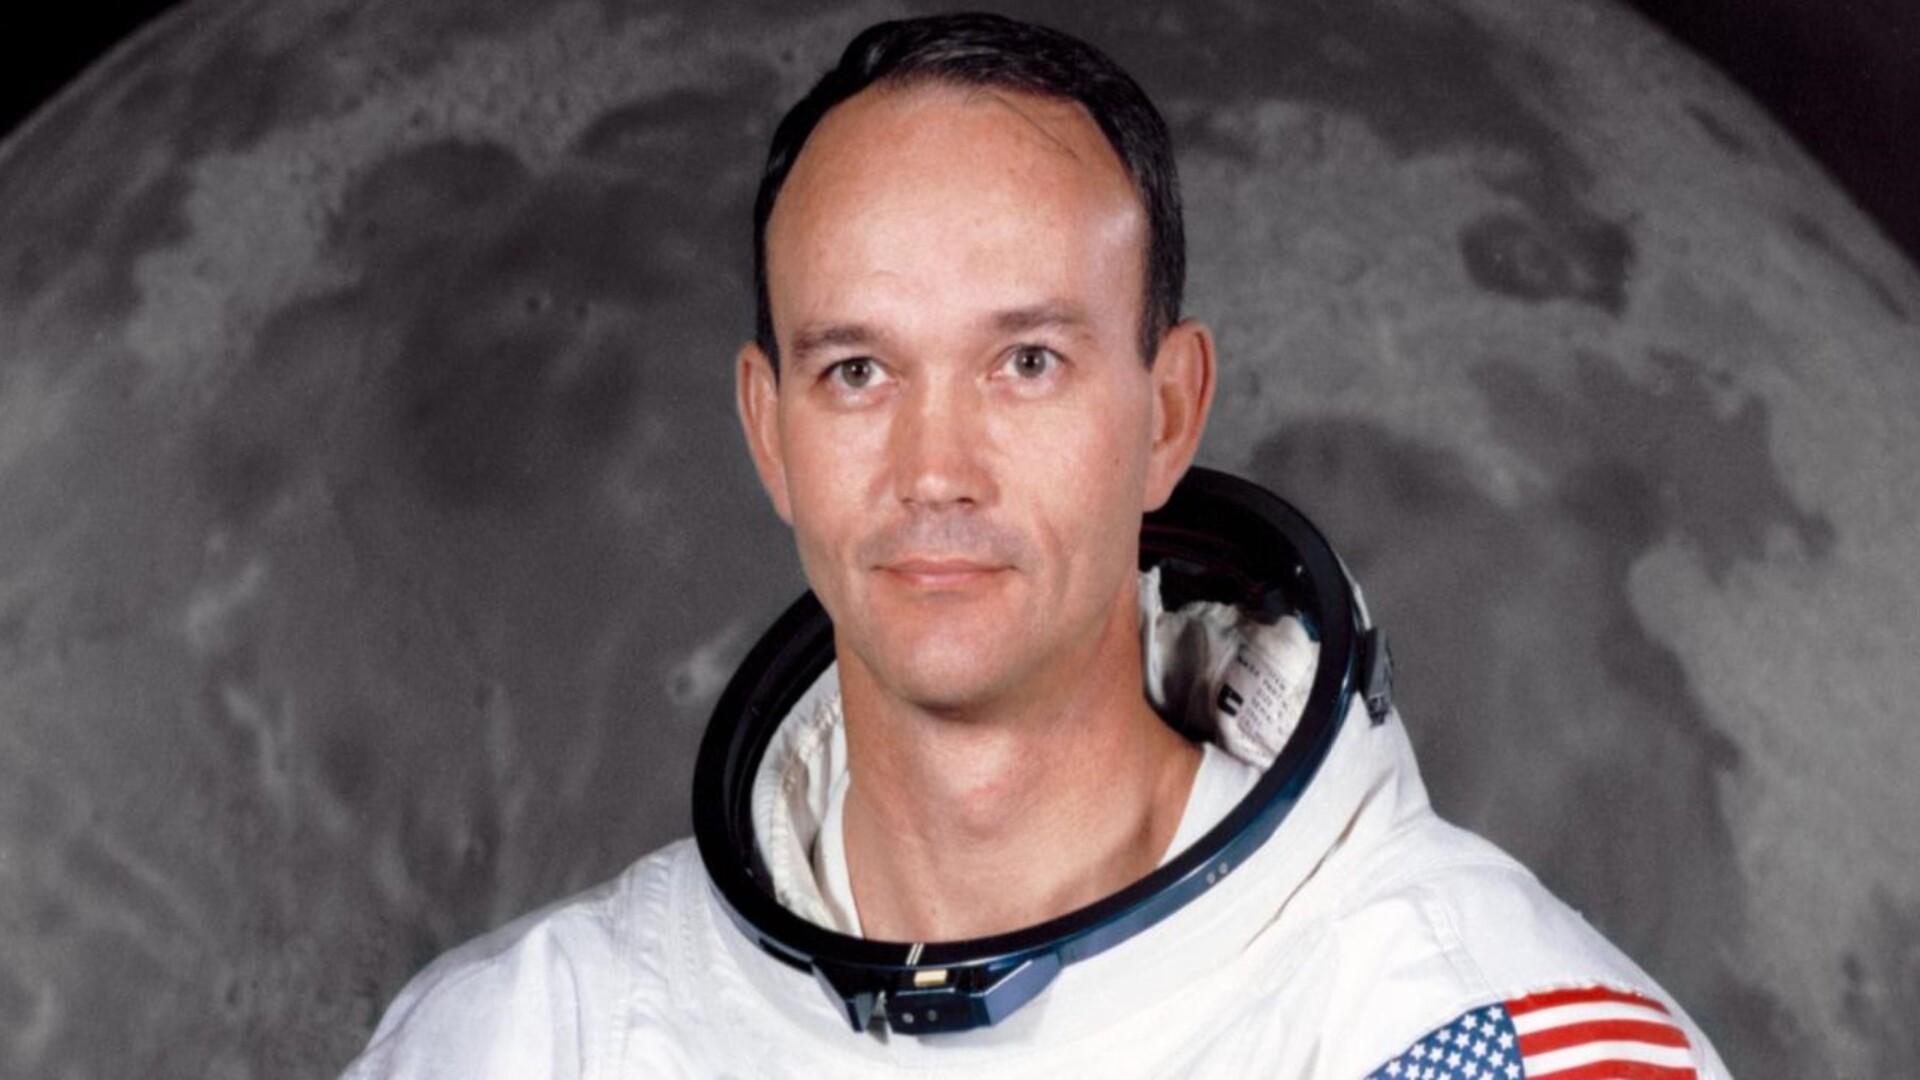 ASI - Addio a Michael Collins, astronauta della missione Apollo 11